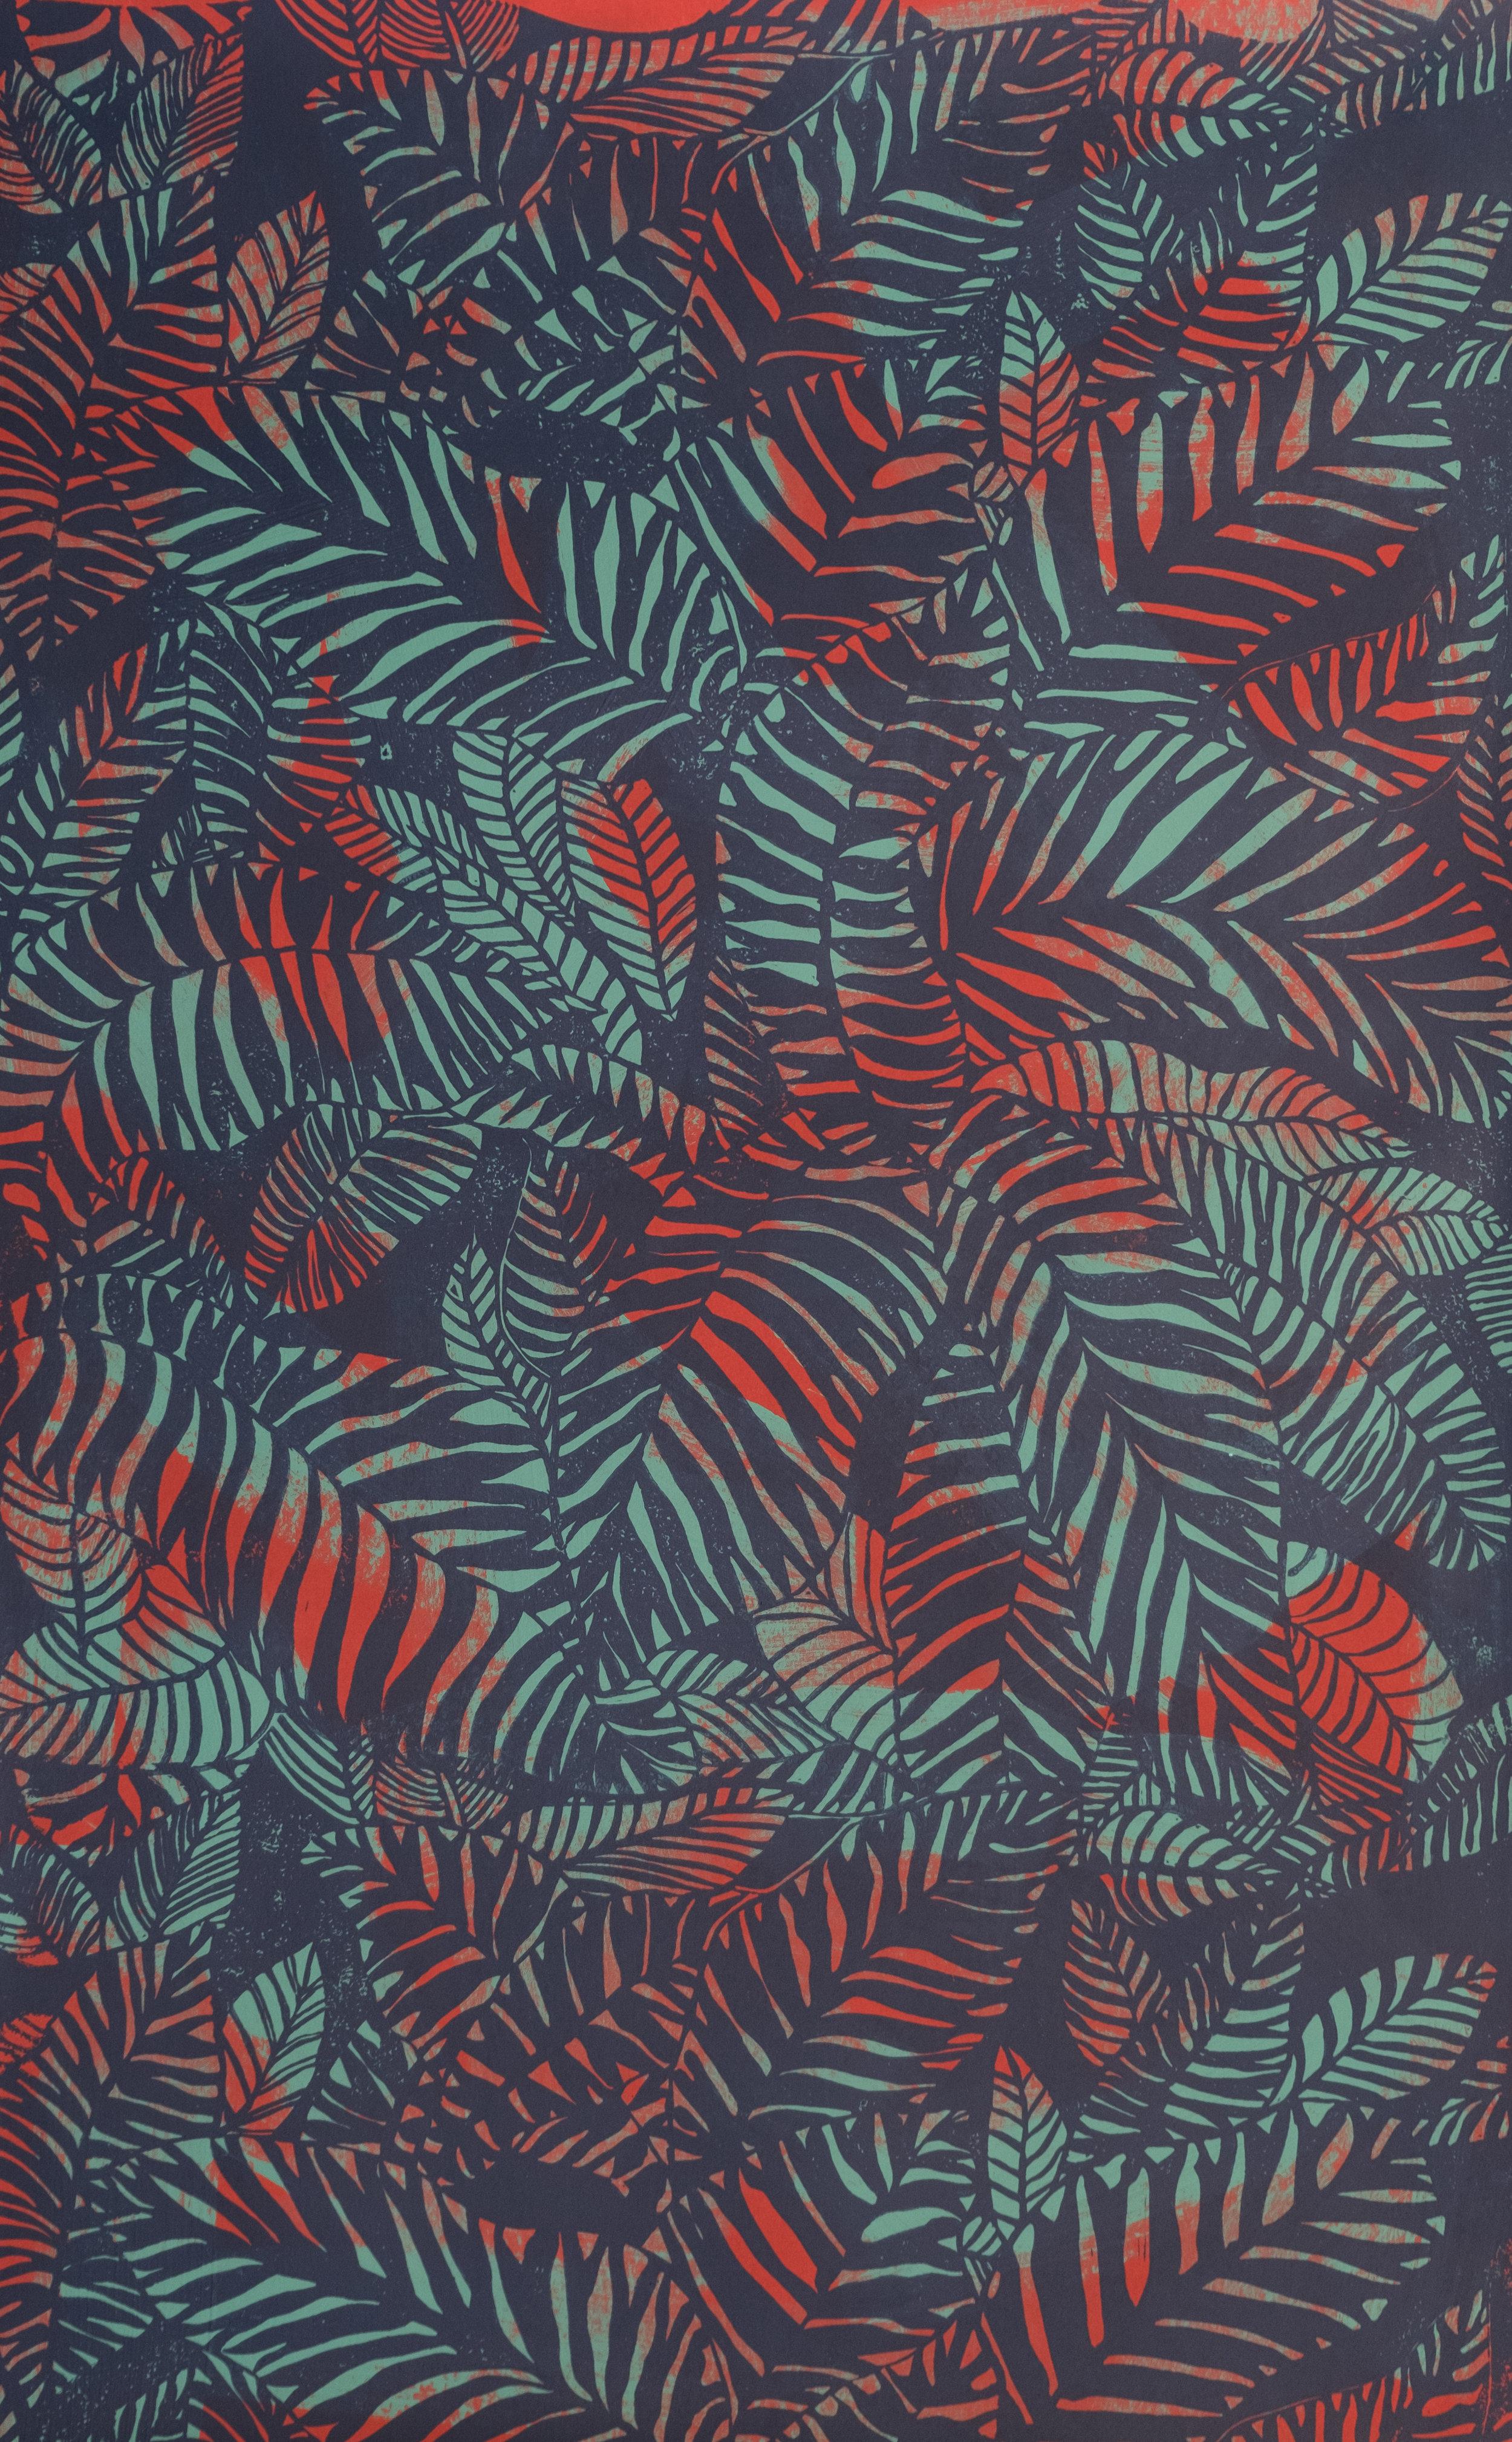 P2501 - Fiji